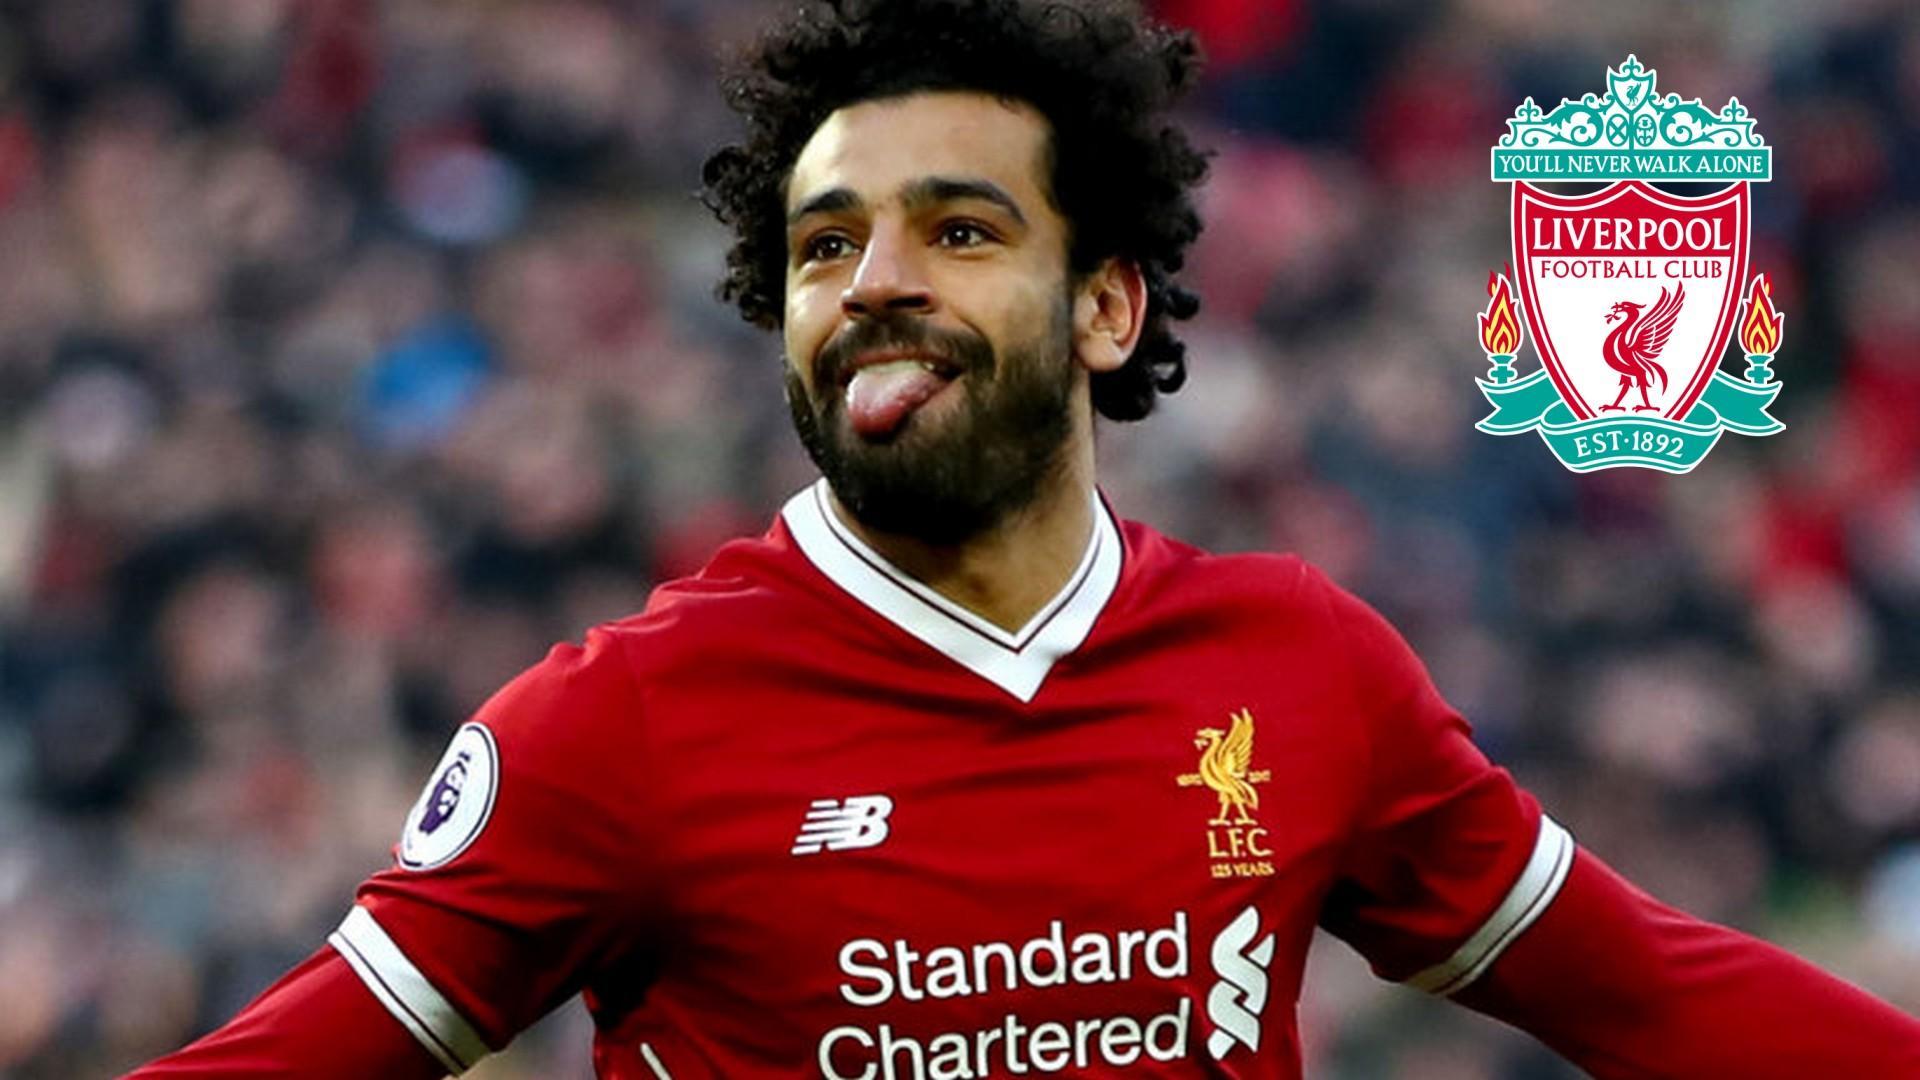 Mohamed Salah 2019 Wallpapers